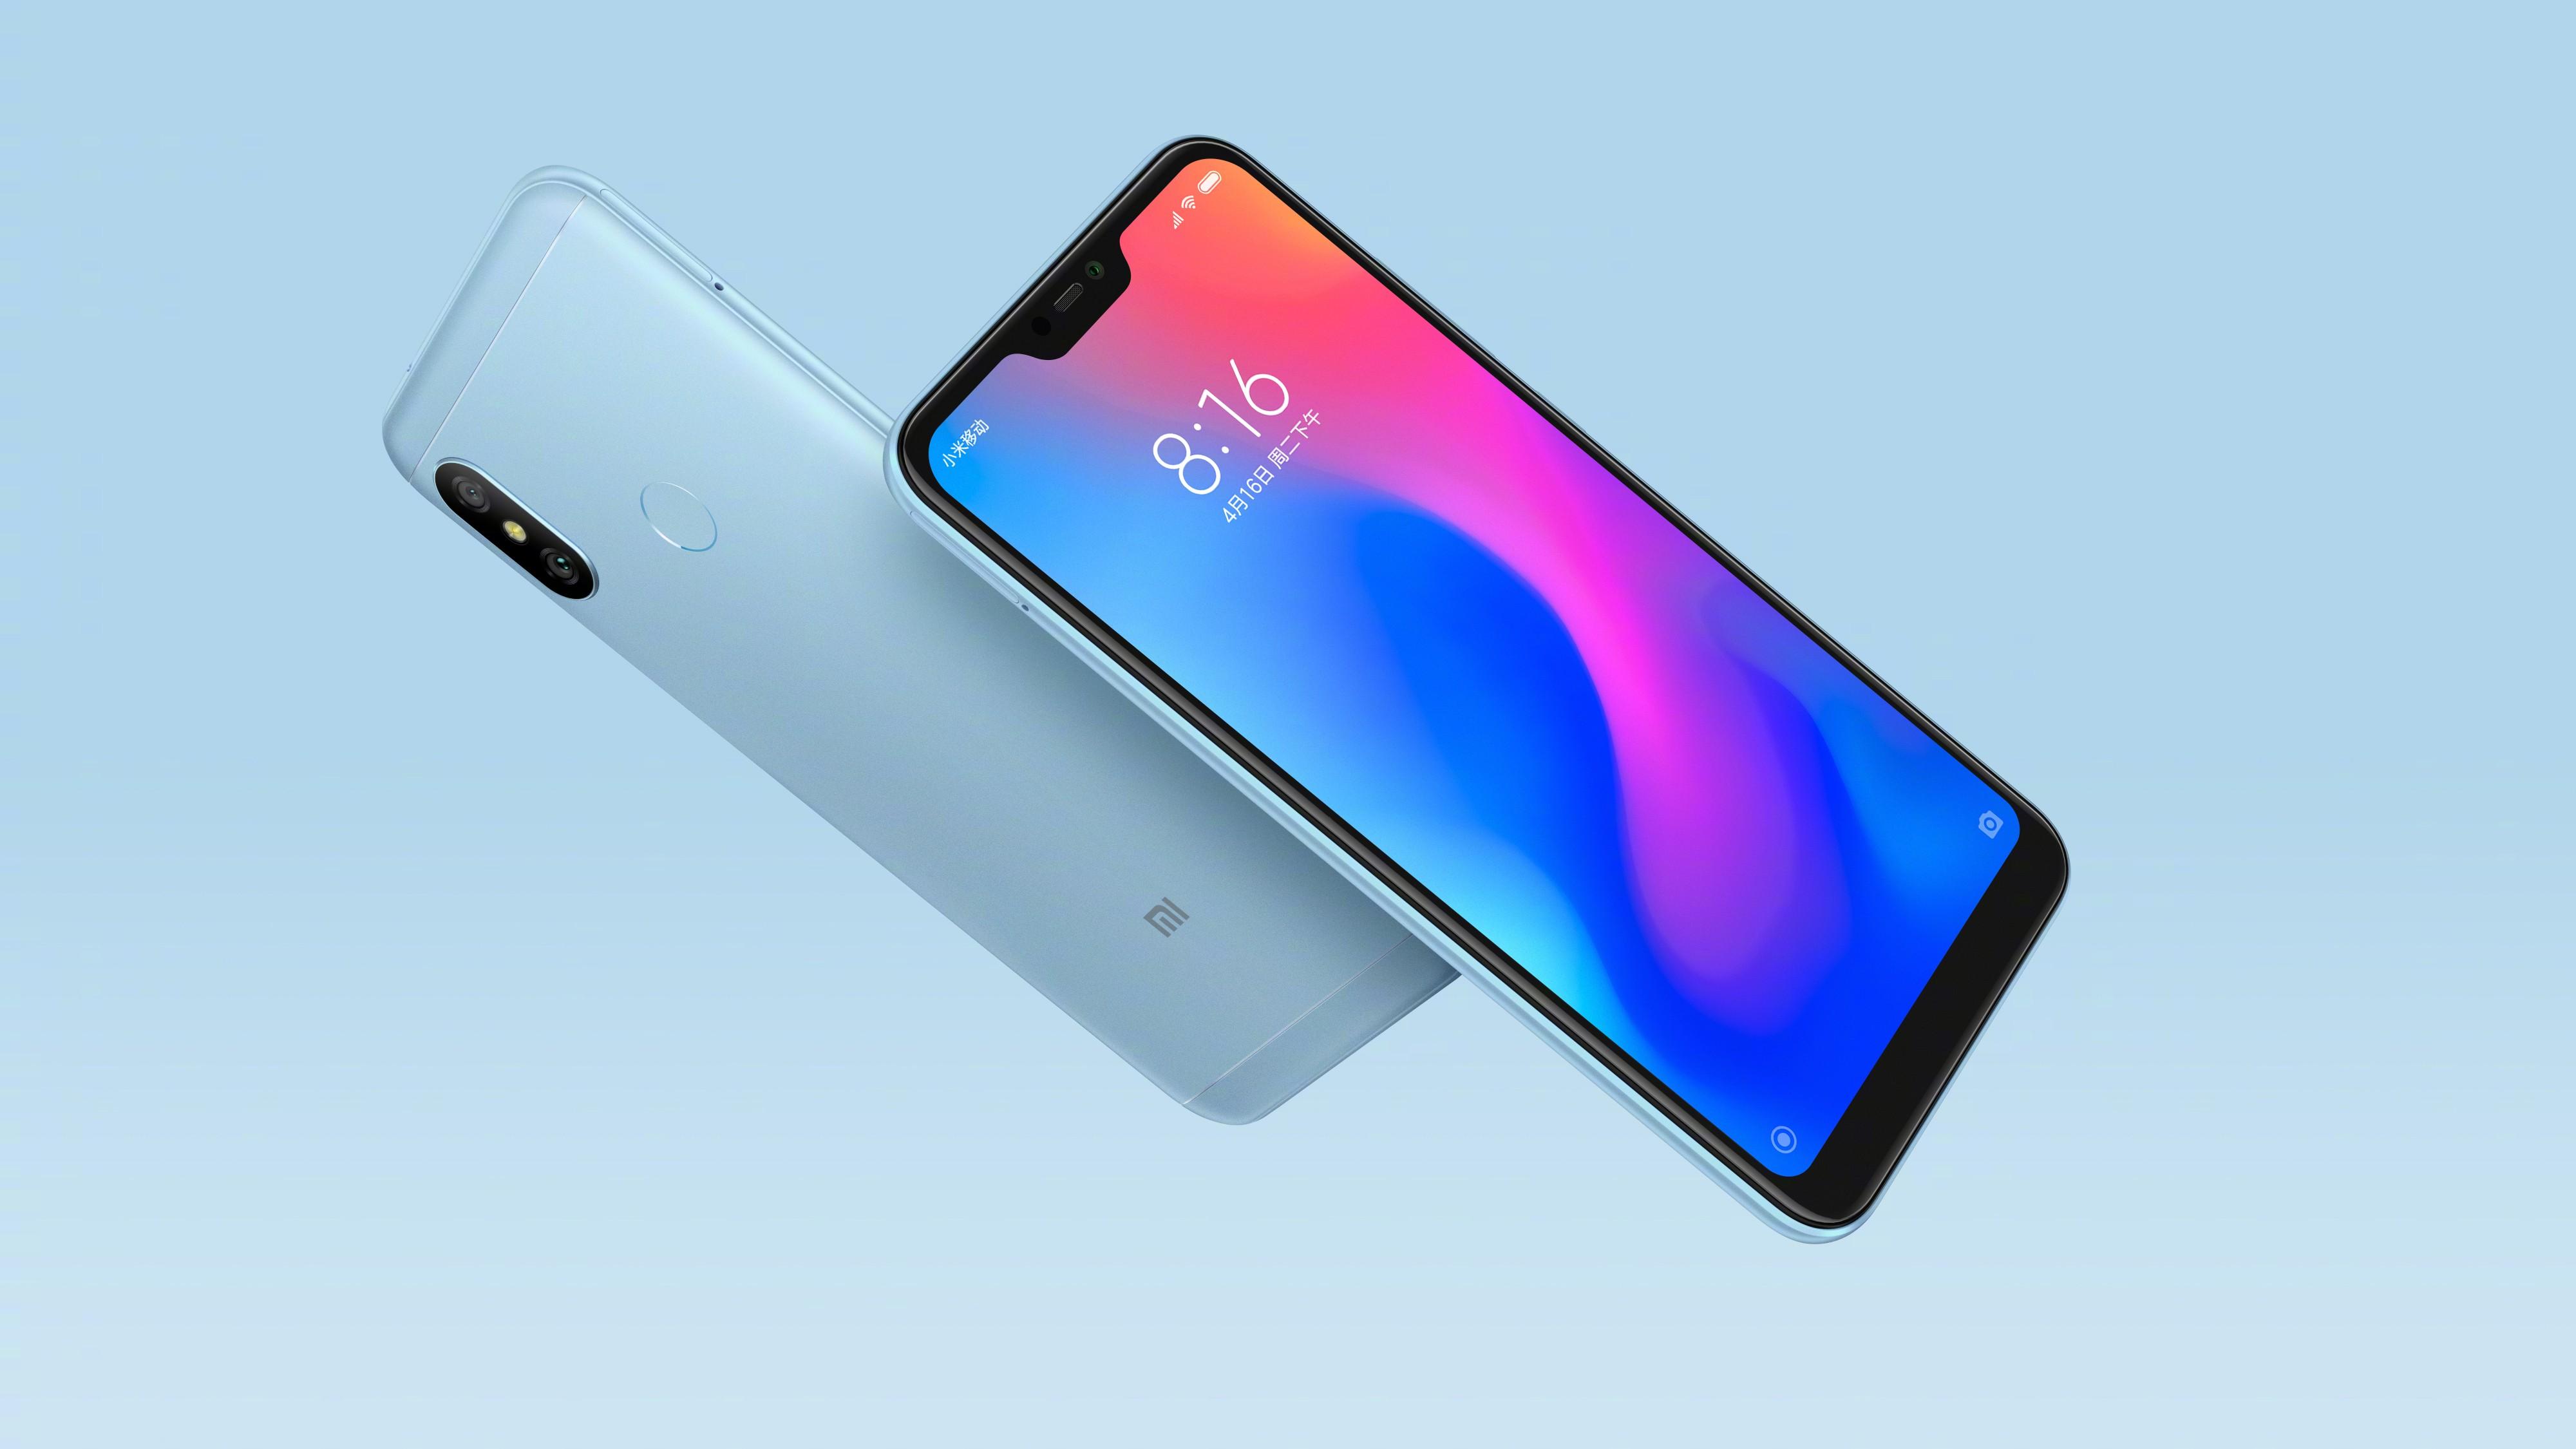 Xiaomi decide mostrar el diseño final de su Redmi 6 Pro - El ...